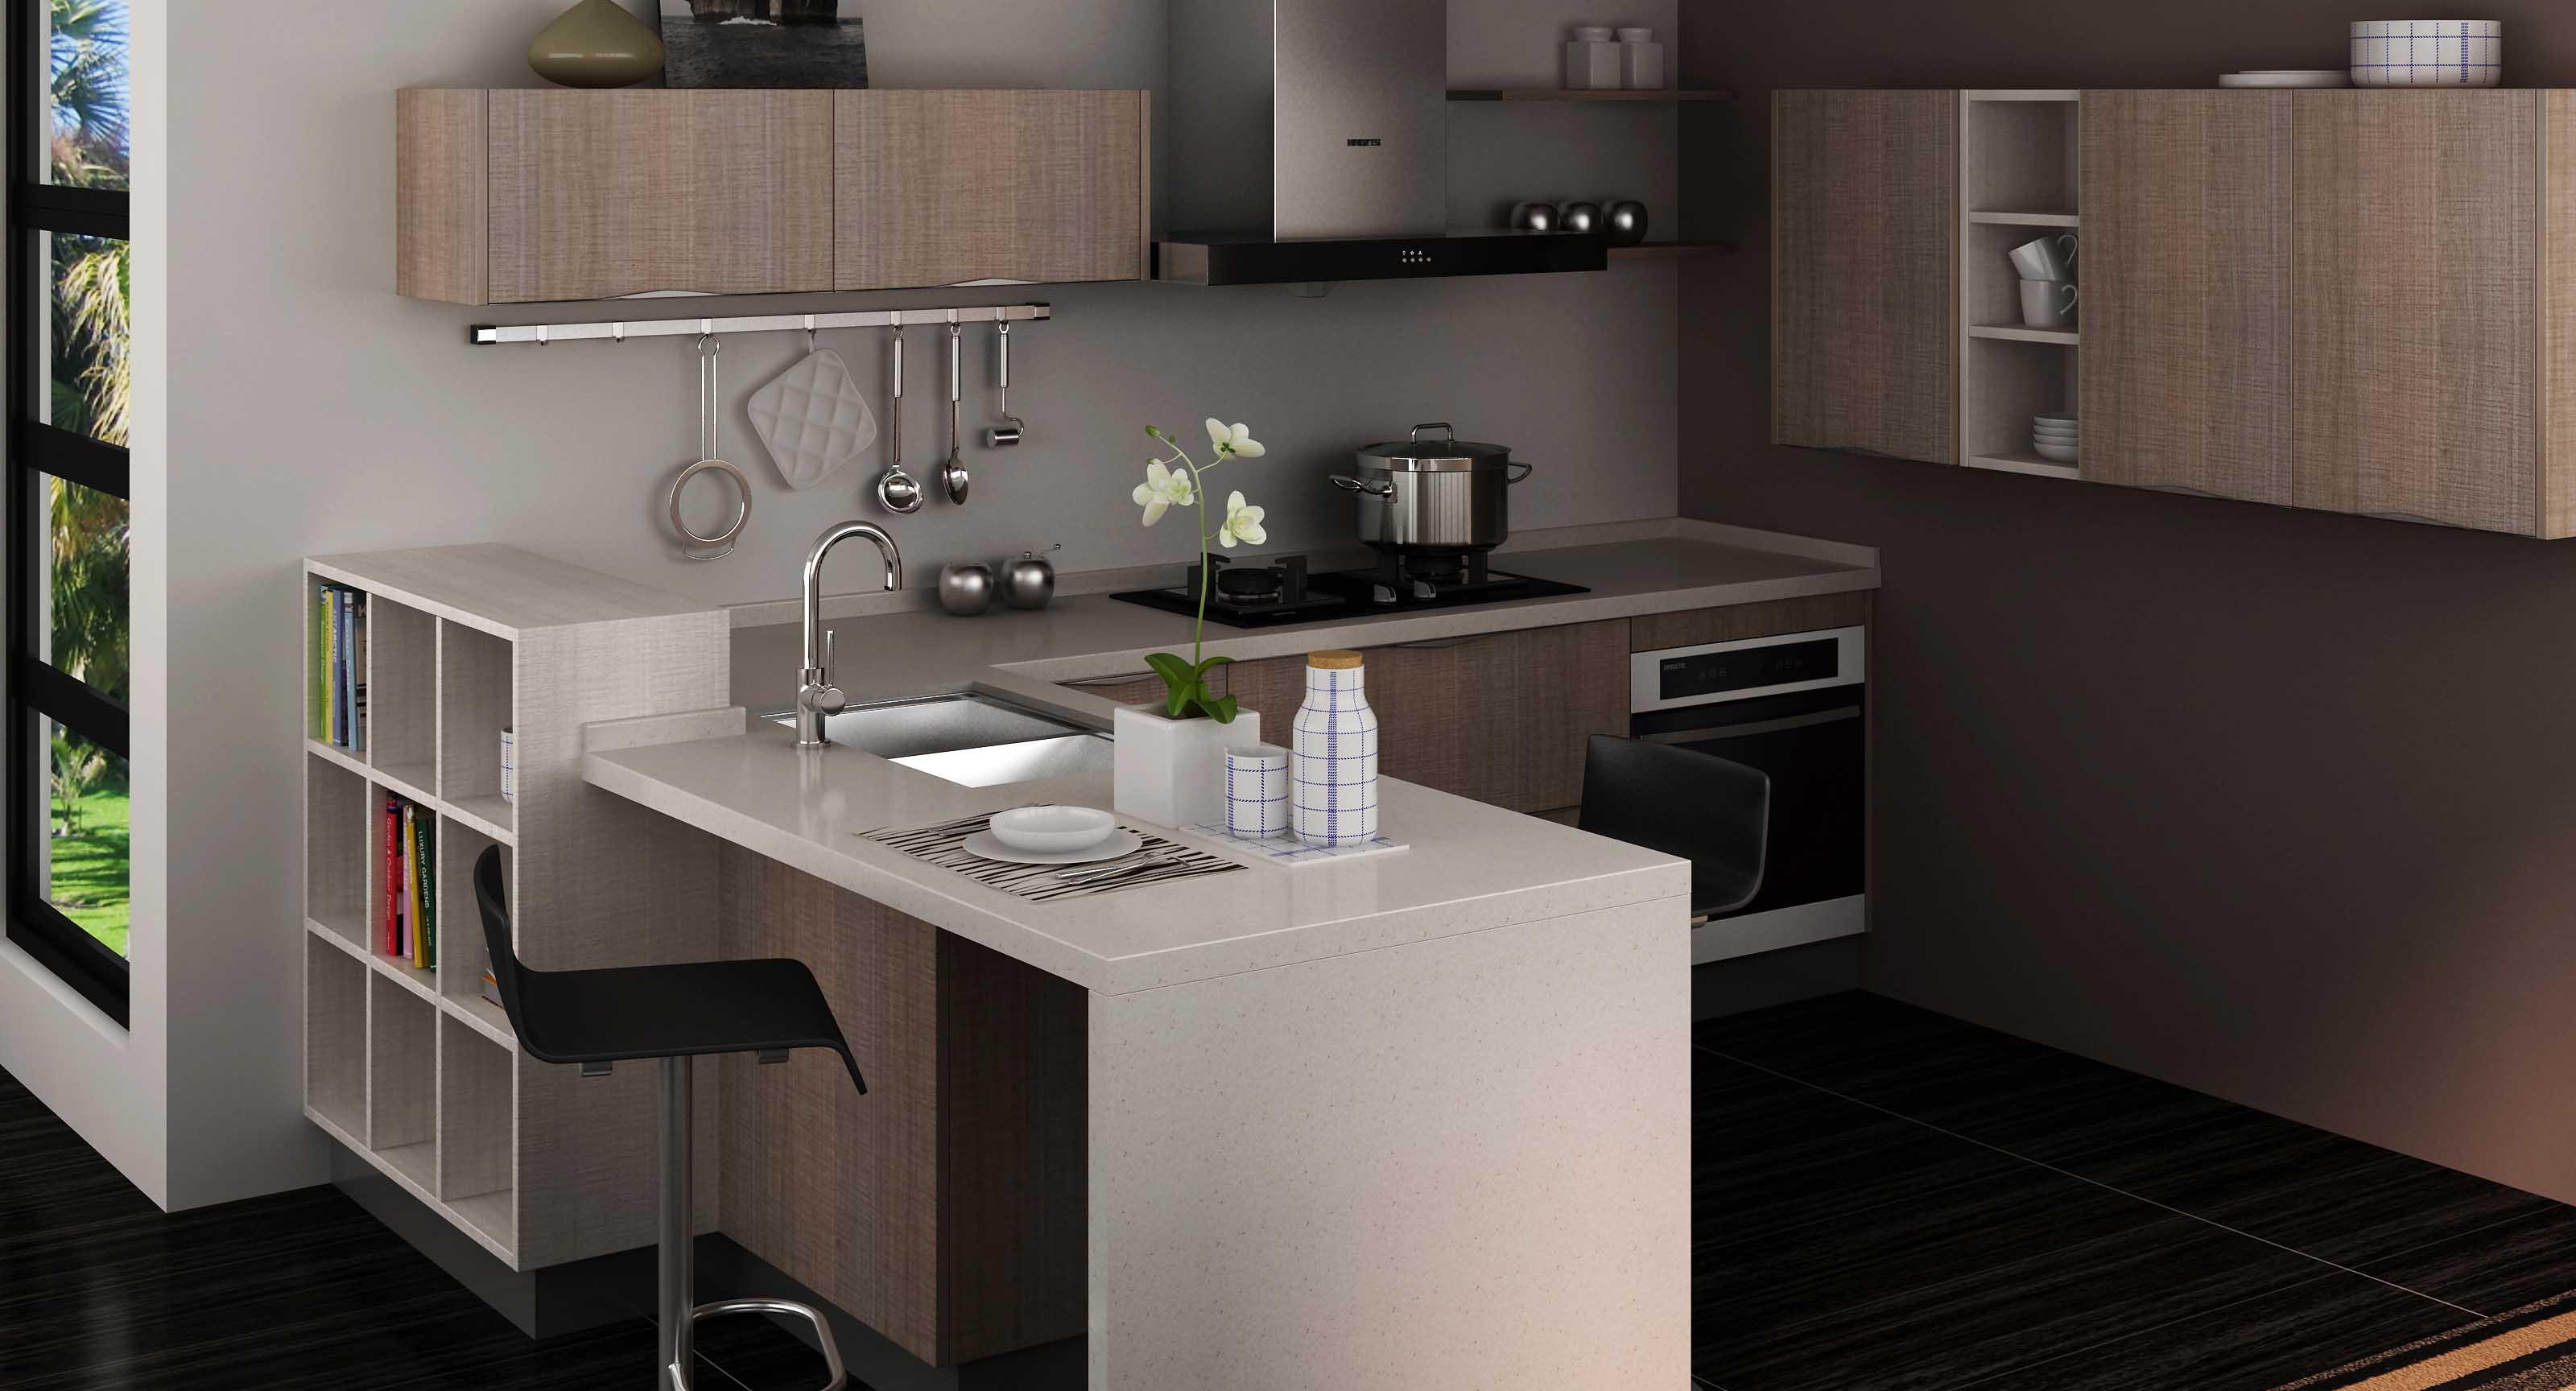 花岗岩做的厨房台面,您喜欢吗_长沙装修_新浪博客